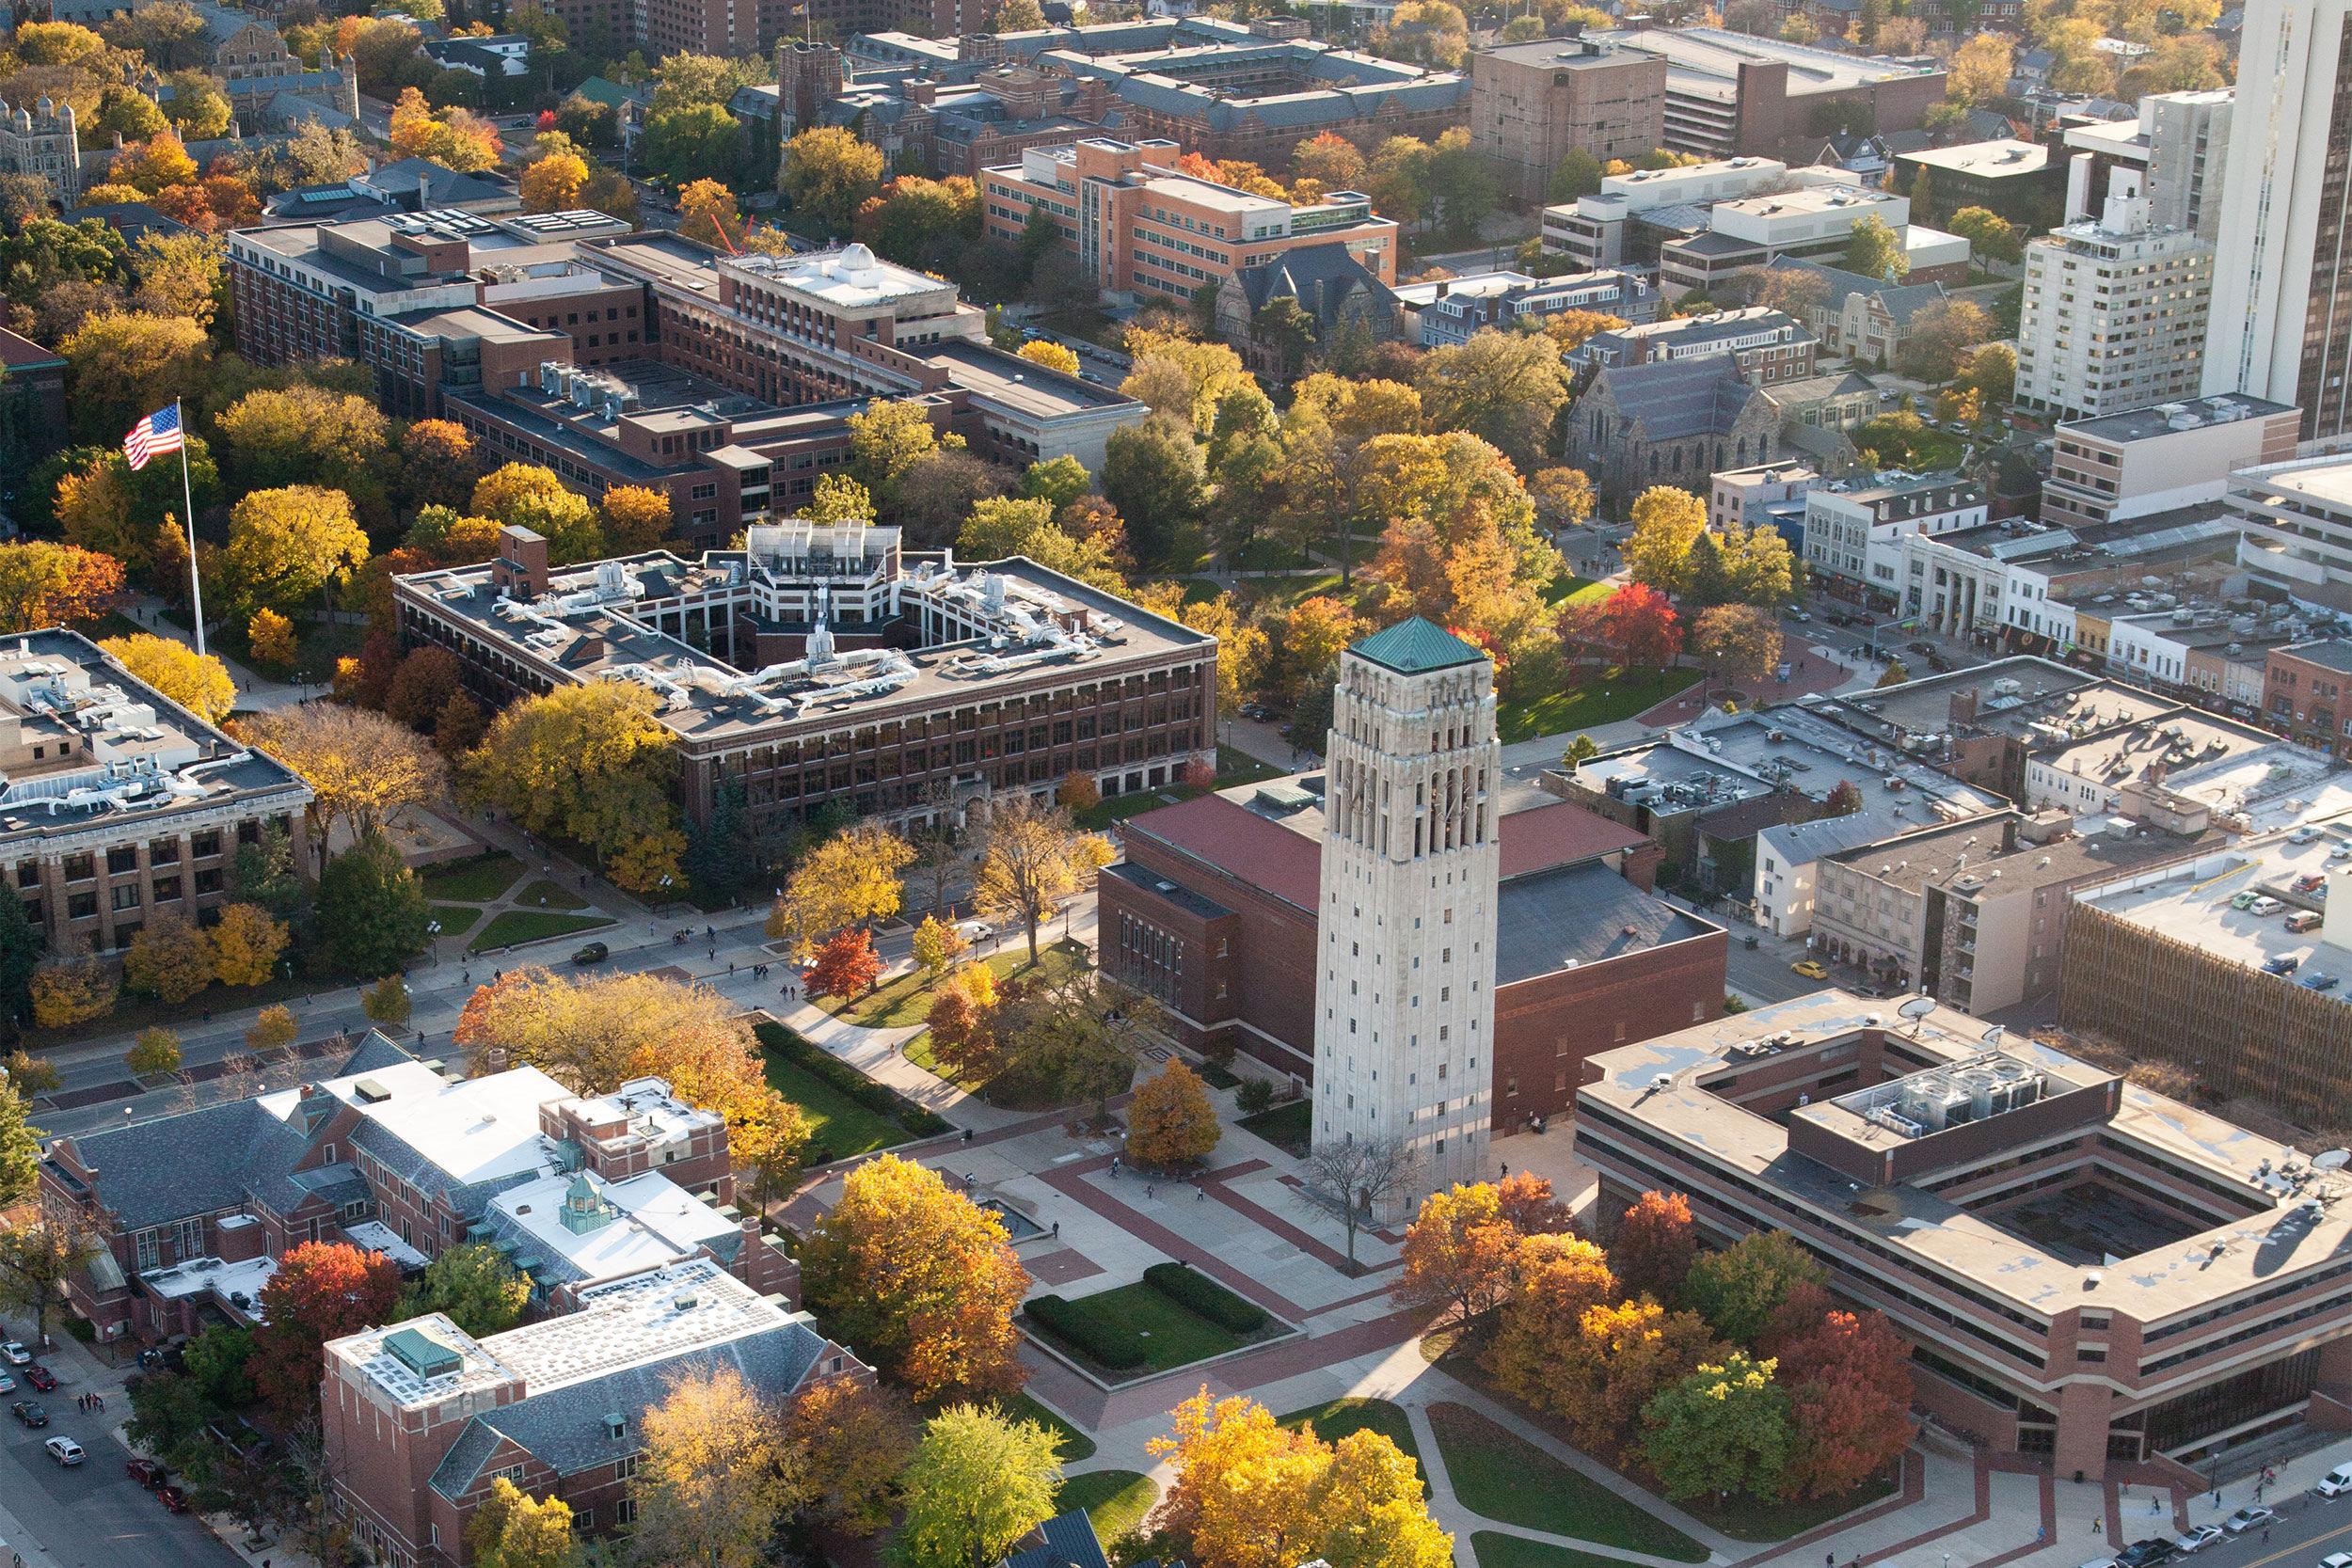 University of Michigan-Ann Arbor main campus